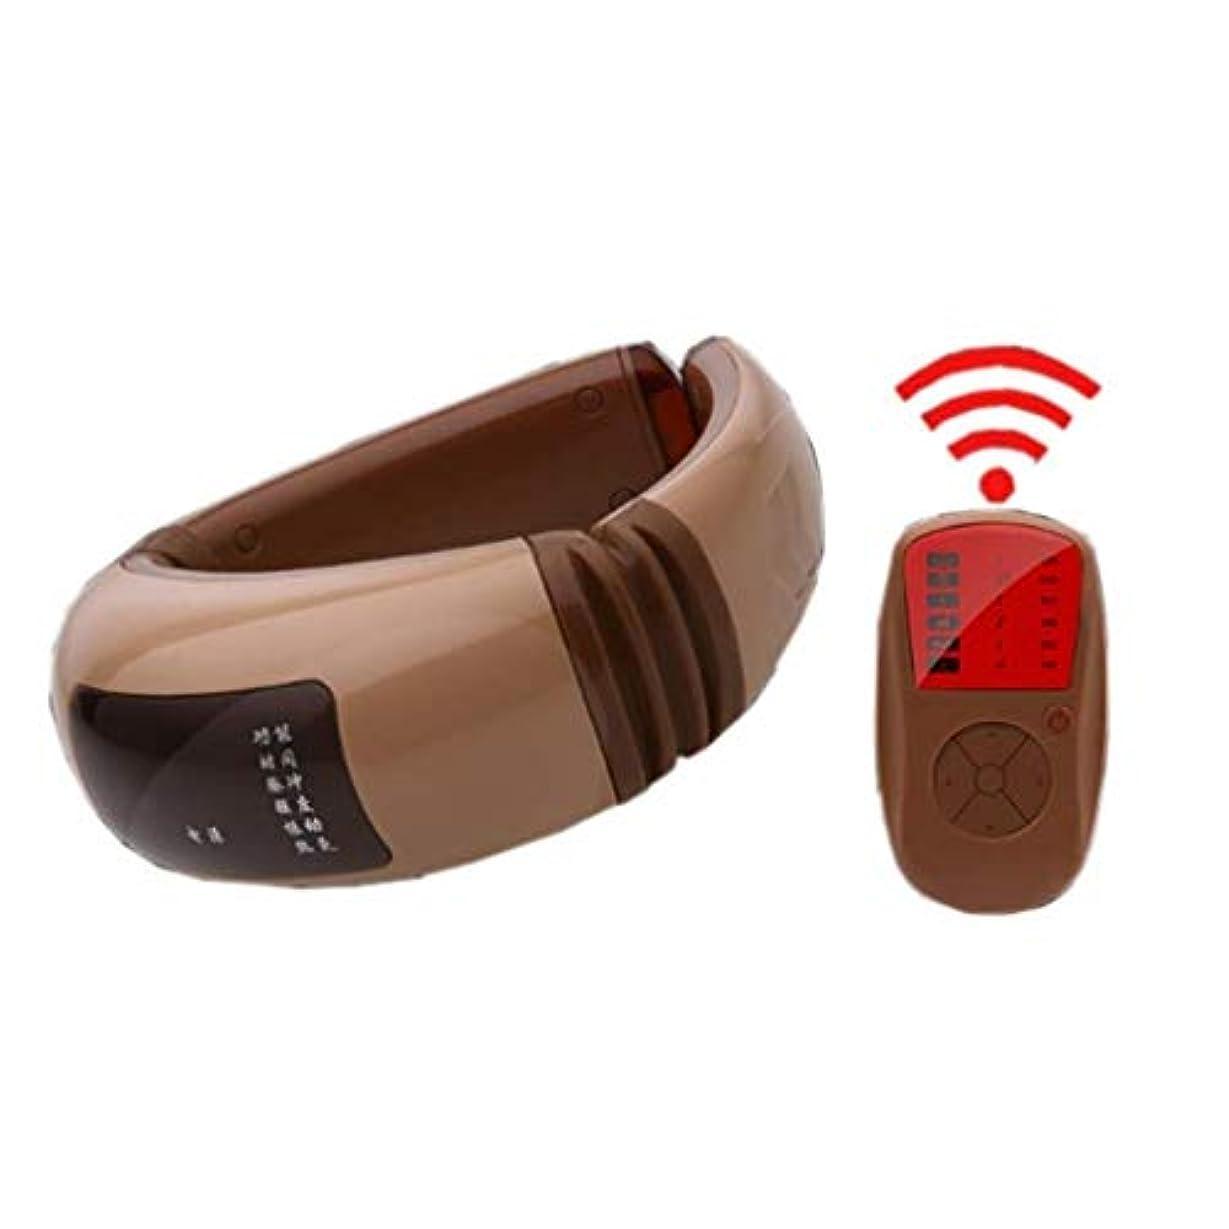 略語凍る多用途マッサージャー、ポータブルスマートネック振動マッサージャー、USB充電、デジタルディスプレイ、車のホームオフィスで使用